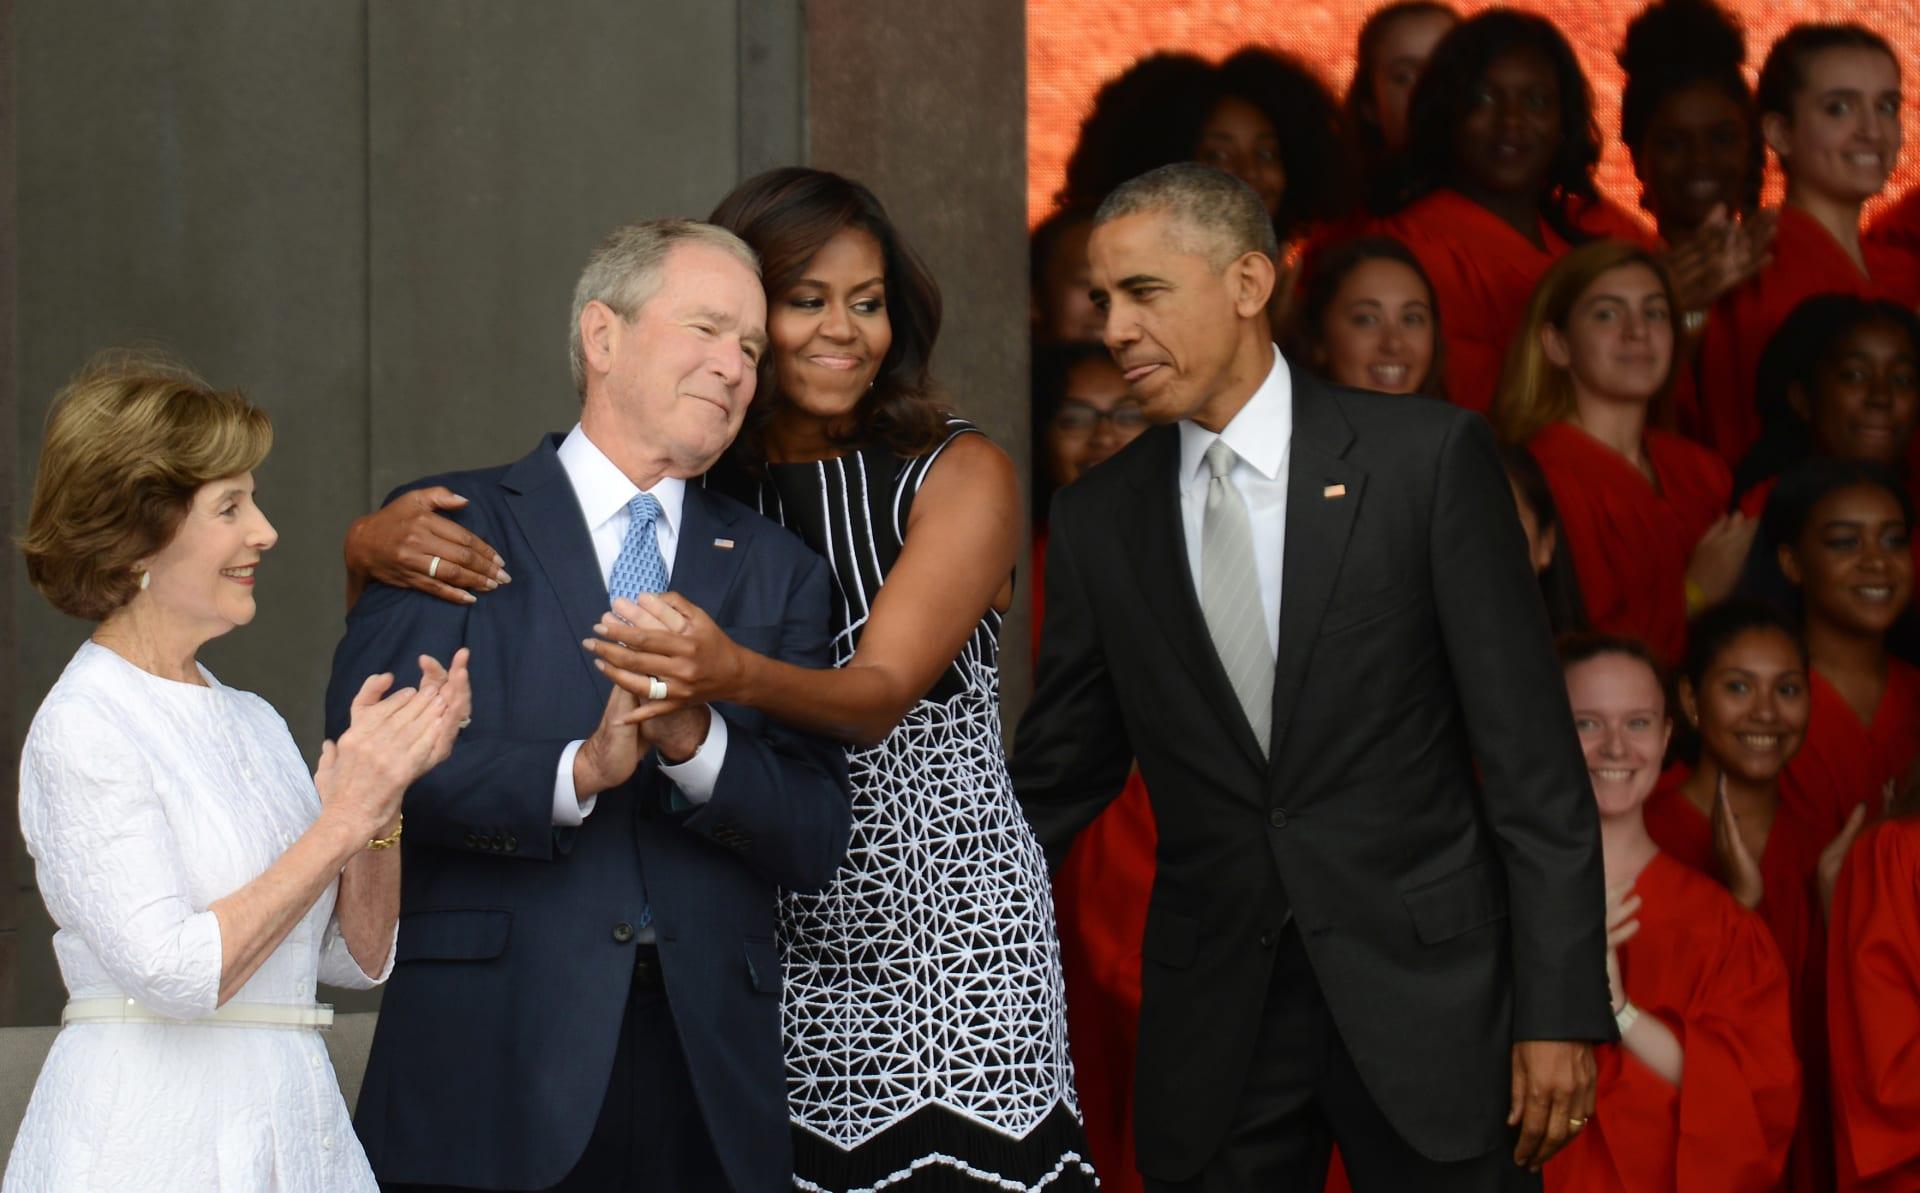 جورج بوش وميشيل أوباما (وسط الصورة)